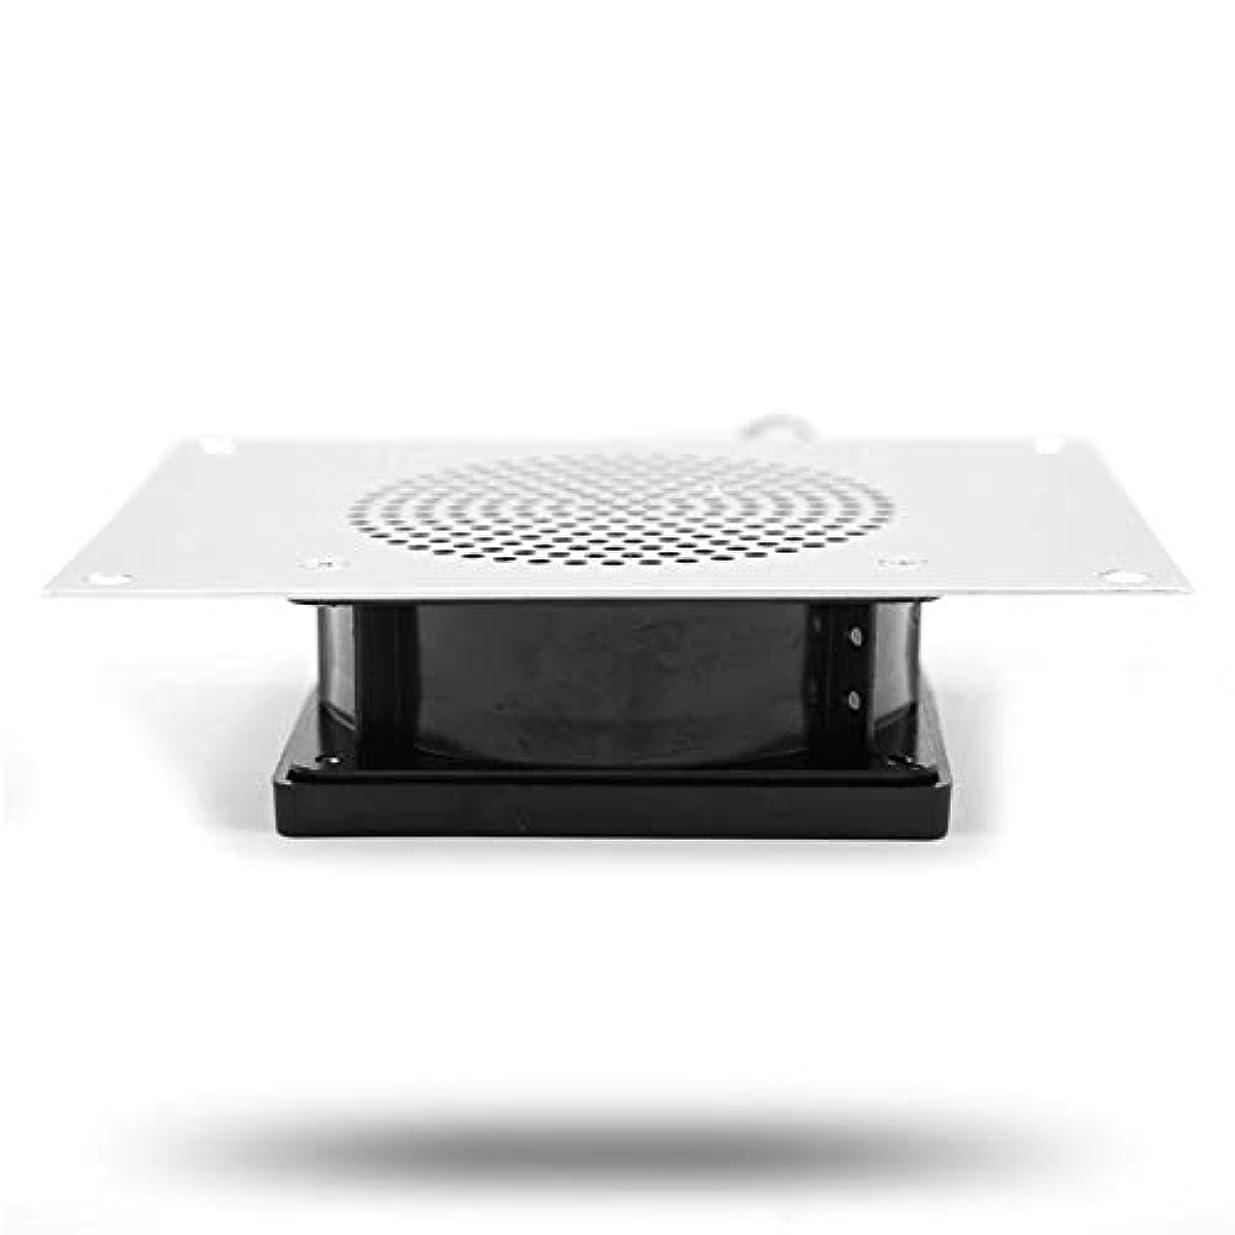 発送主に南西ネイル掃除機ネイルテーブルファン吸引ダストコレクターネイルartprofessionalサロンマニキュアペディキュアアート機器